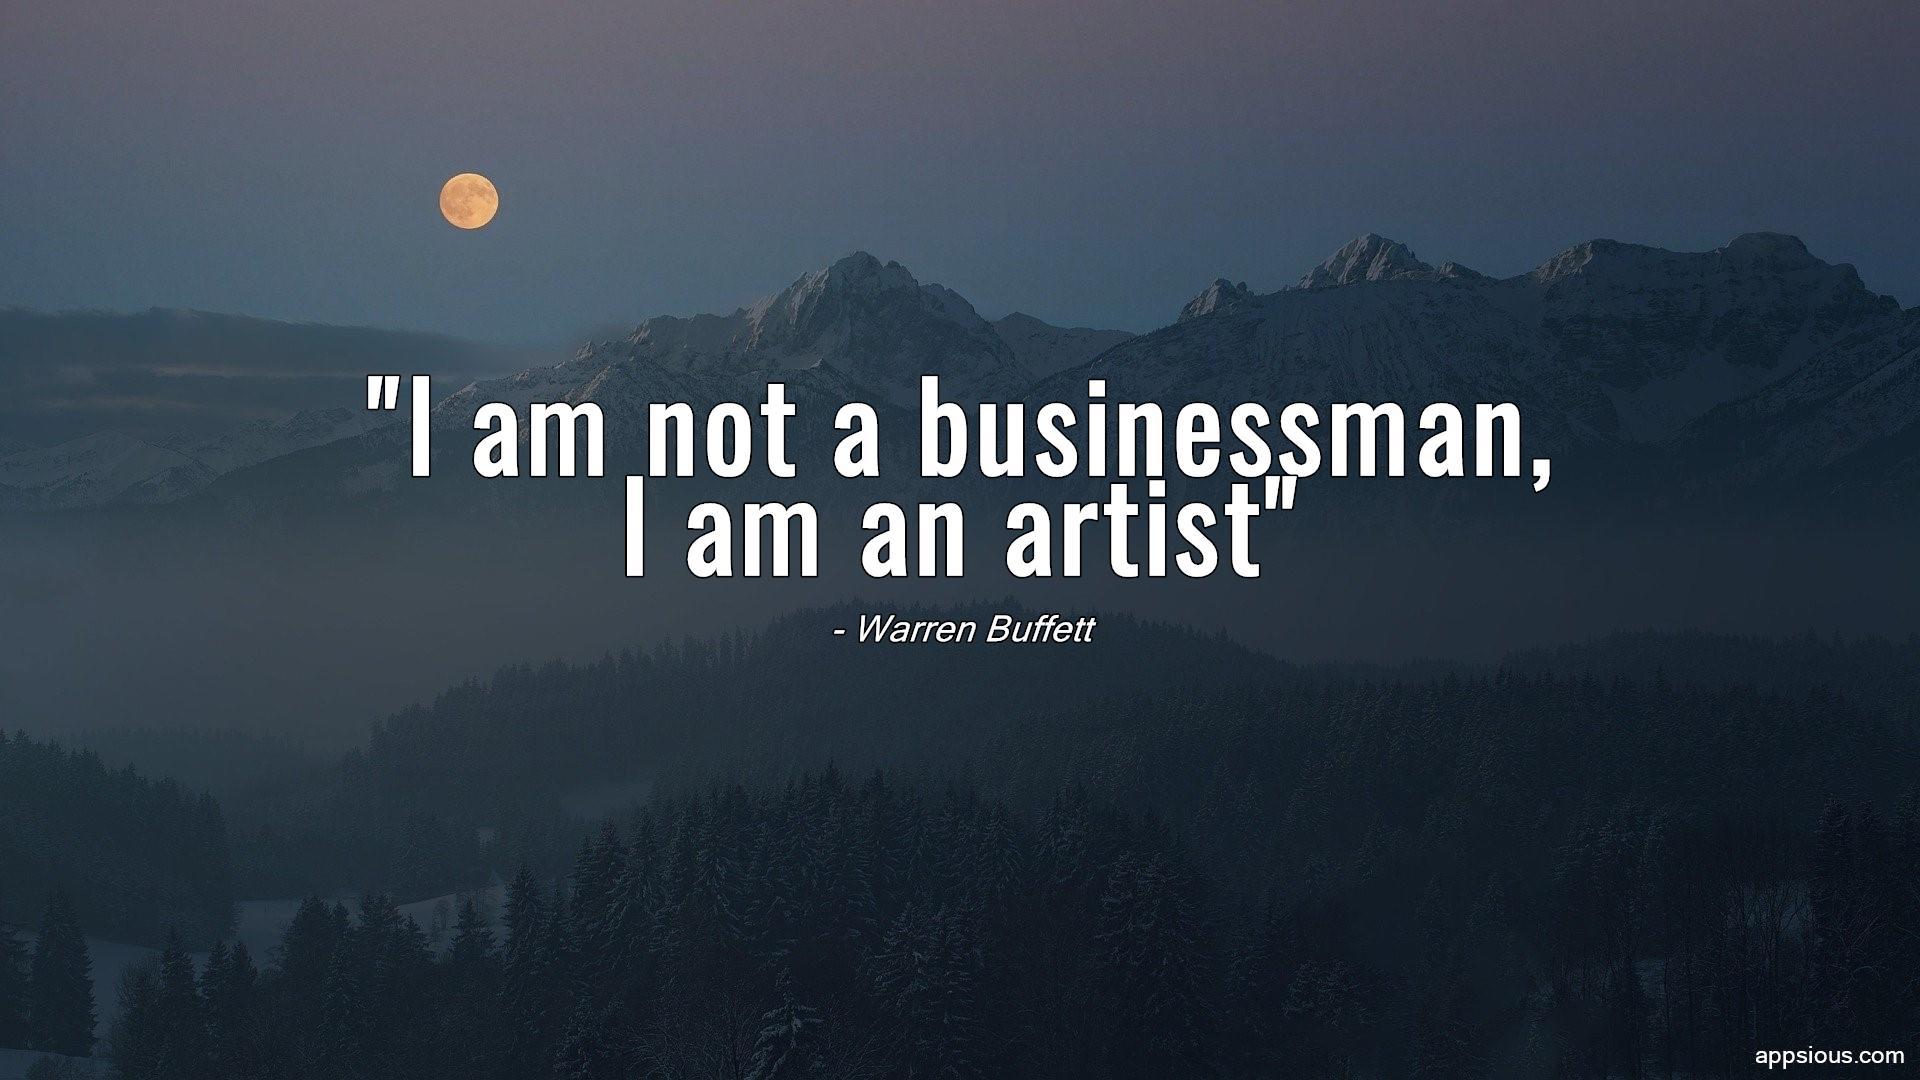 I am not a businessman, I am an artist